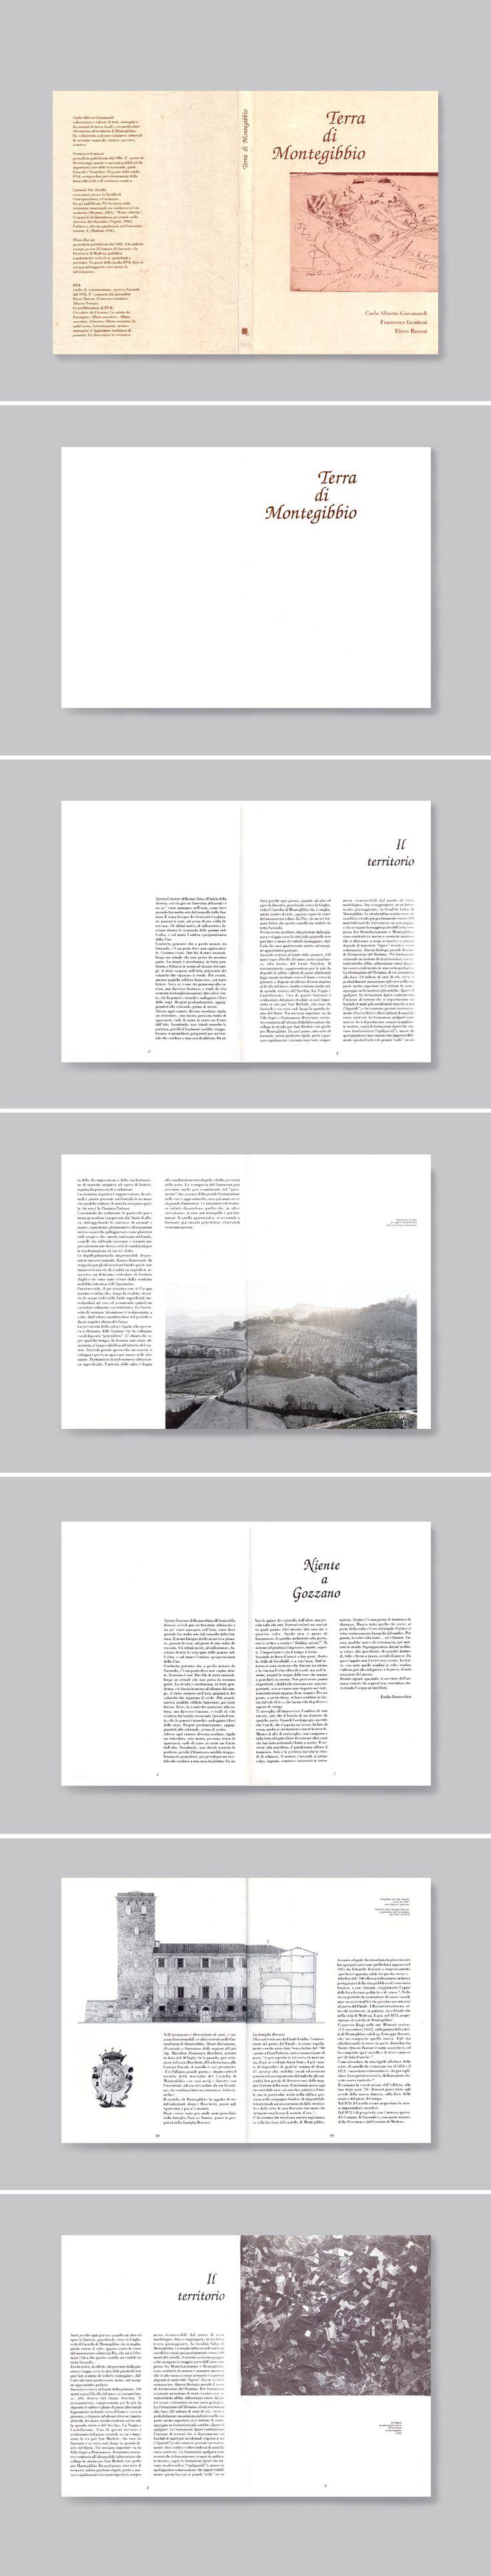 TERRA DI MONTEGIBBIO, volume sull'antropologia locale: documenti e manoscritti storici si confrontano con la grafica moderna, dando vita ad un garbato mix.  Progetto www.gariselliassociati.it